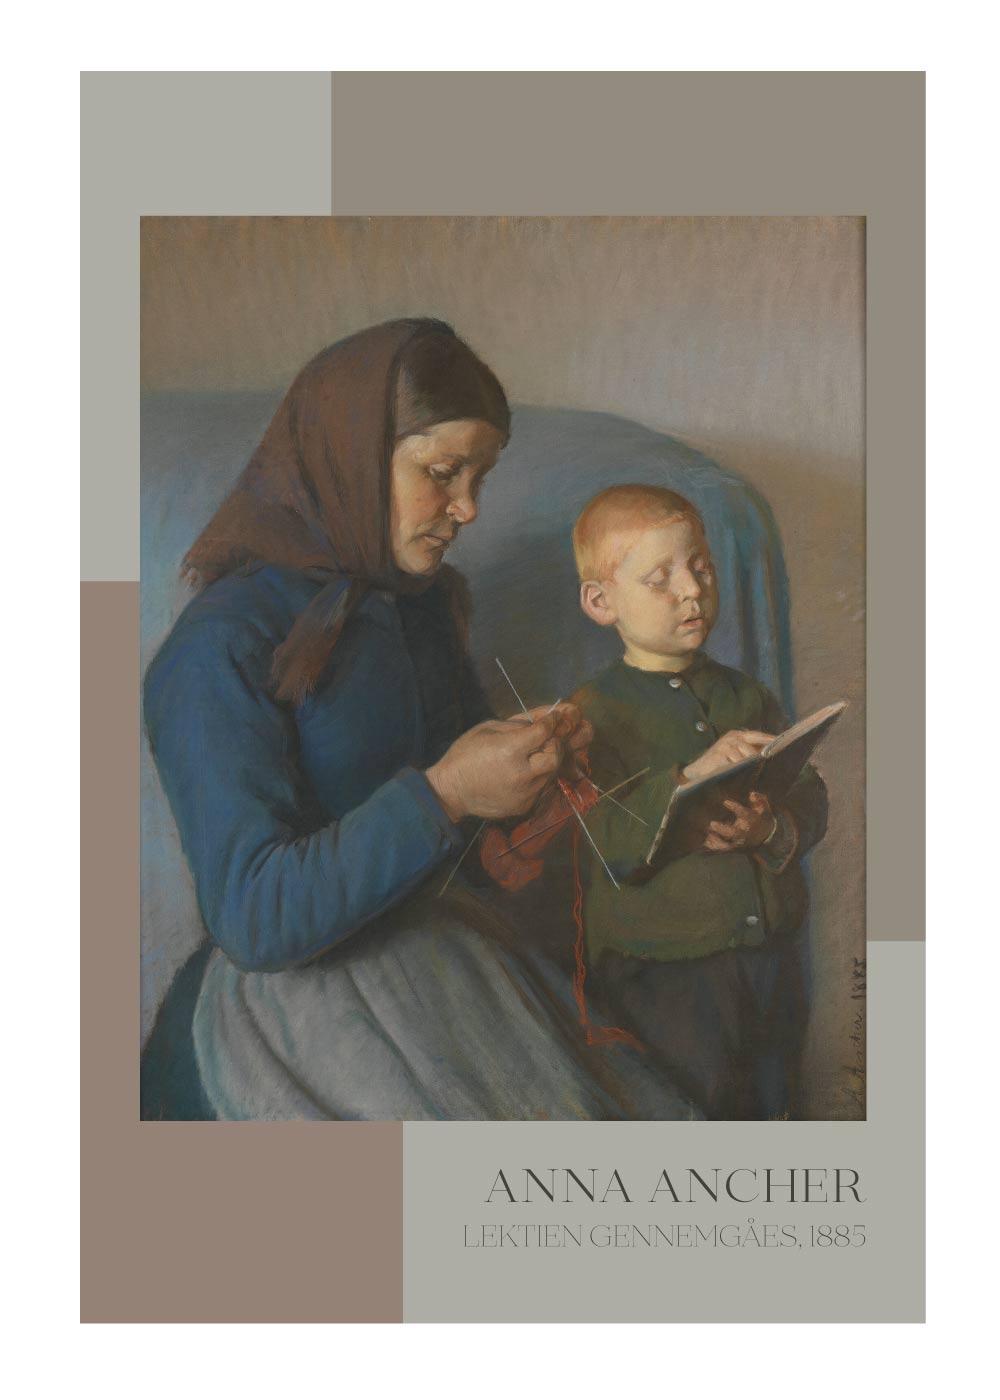 Billede af Lektien gennemga%CC%8Aes - Anna Ancher plakat